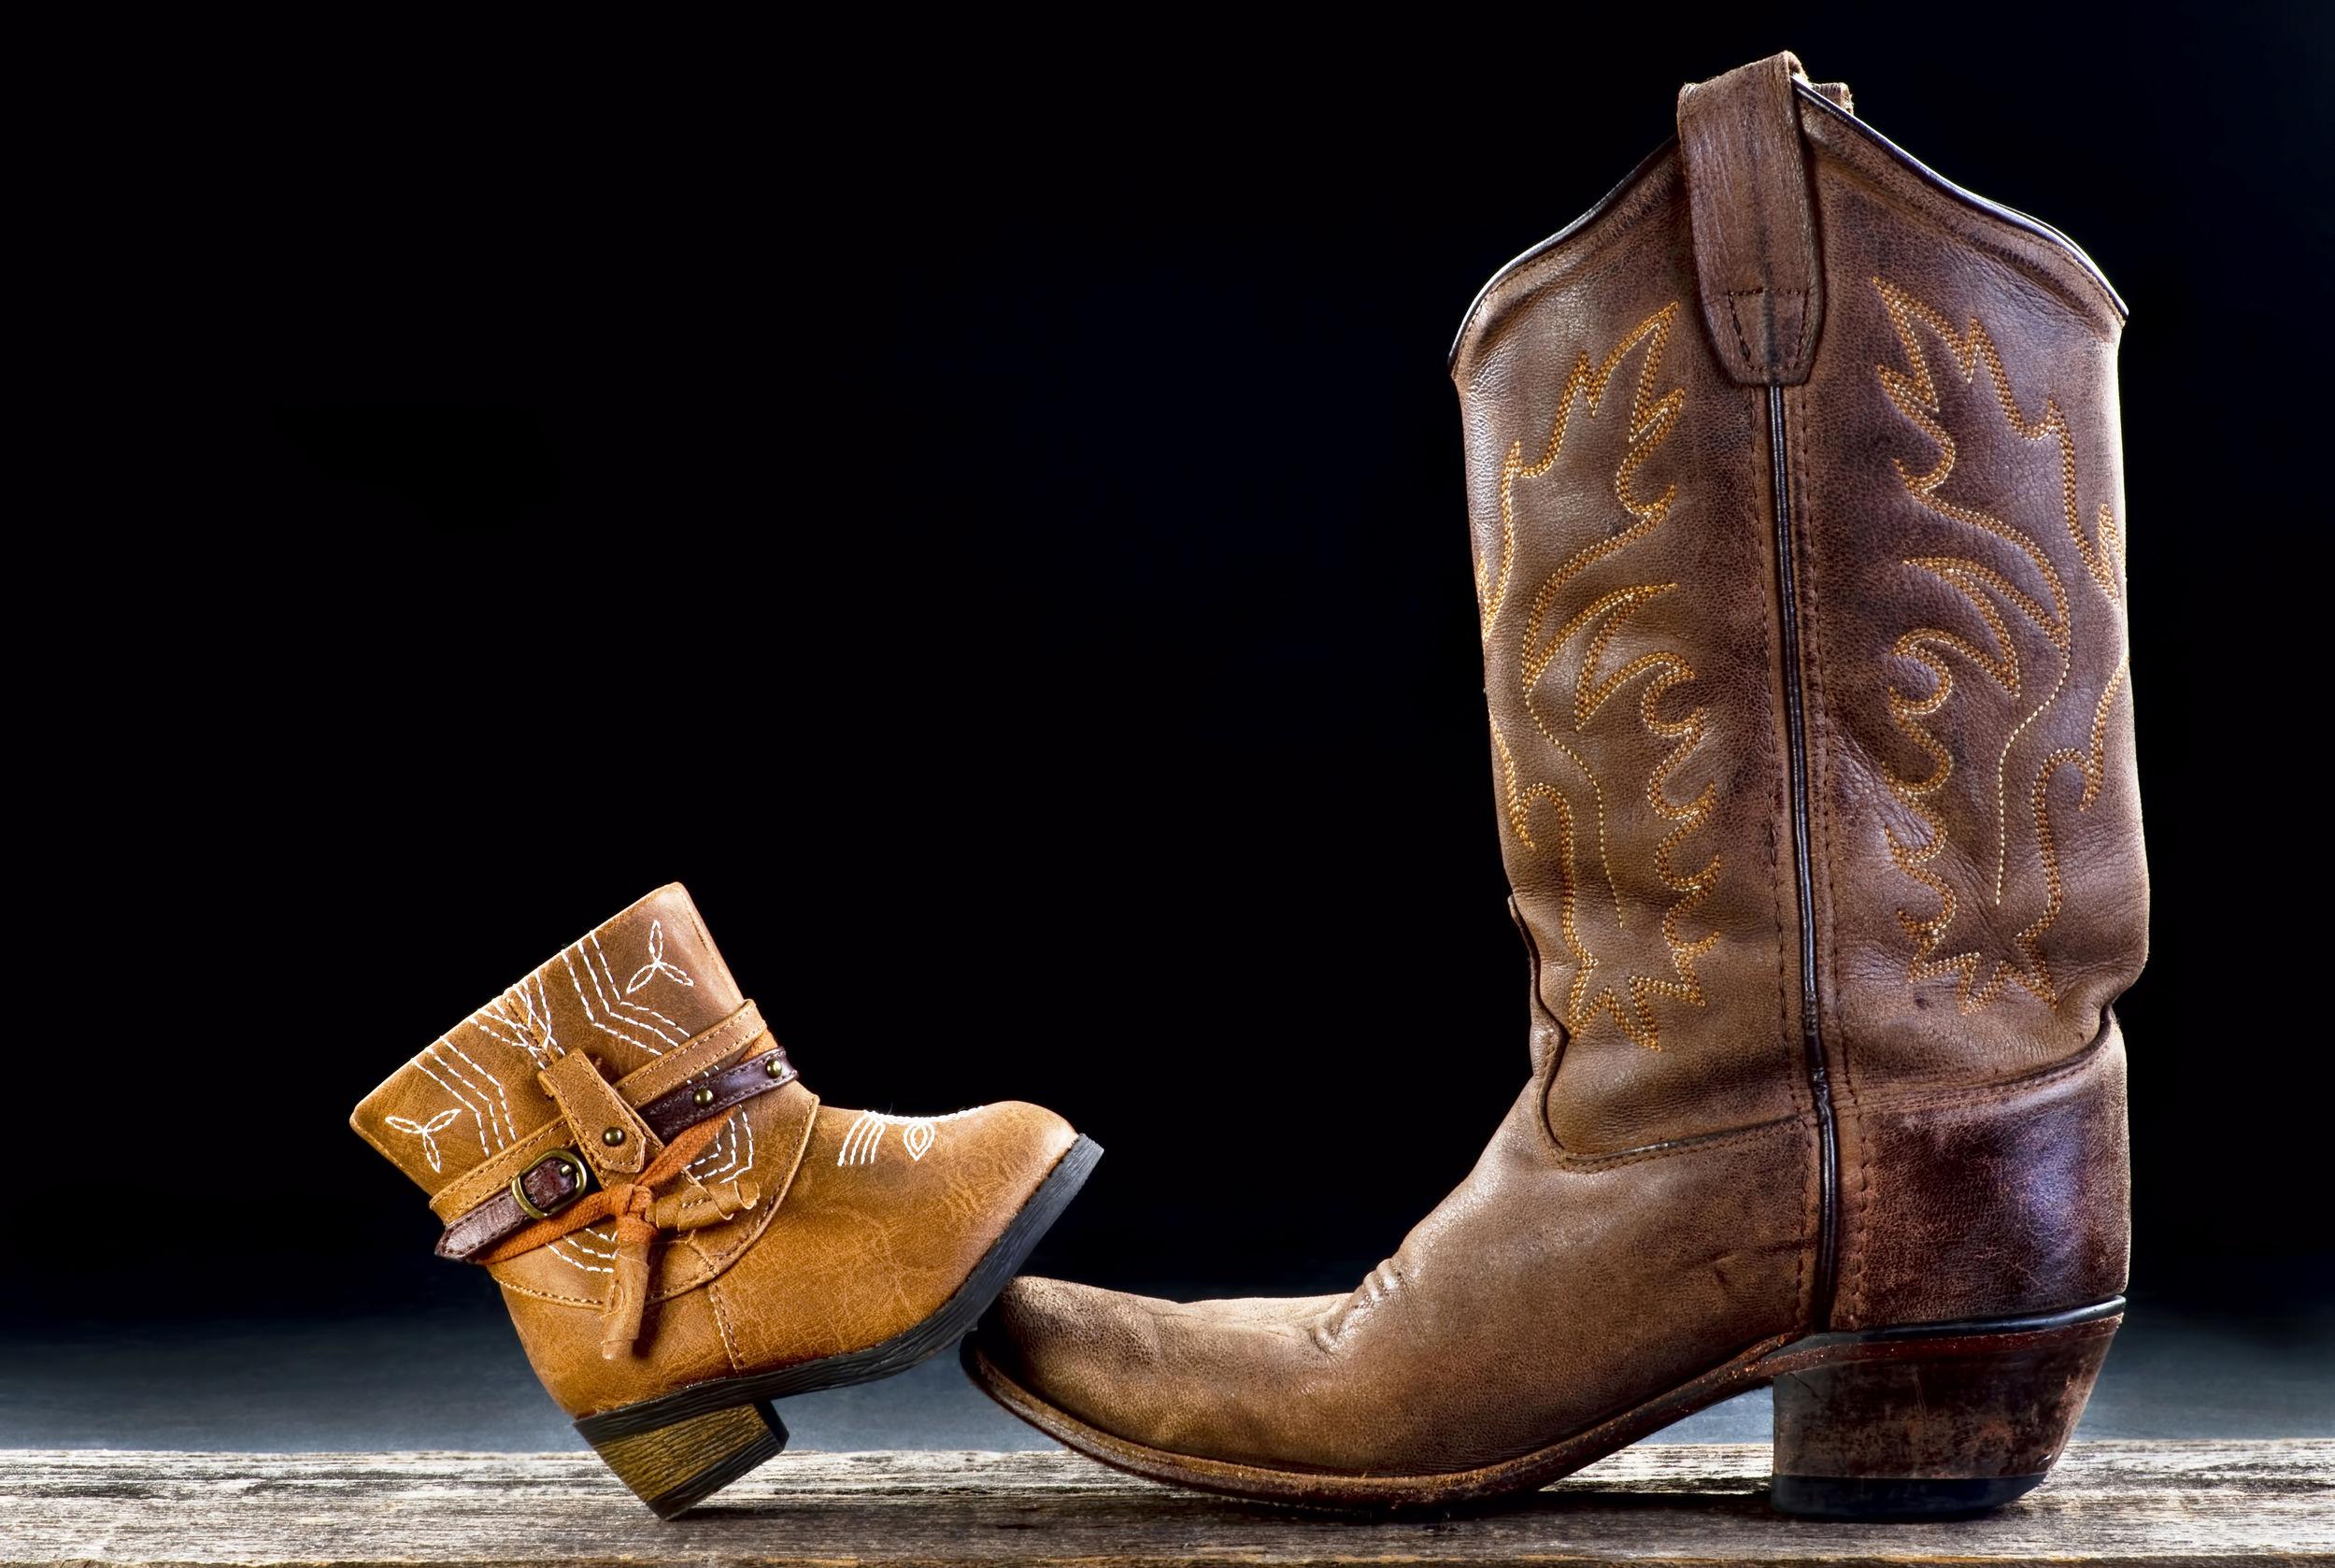 Na foto duas botas texanas sendo uma feminina adulto e uma infantil.